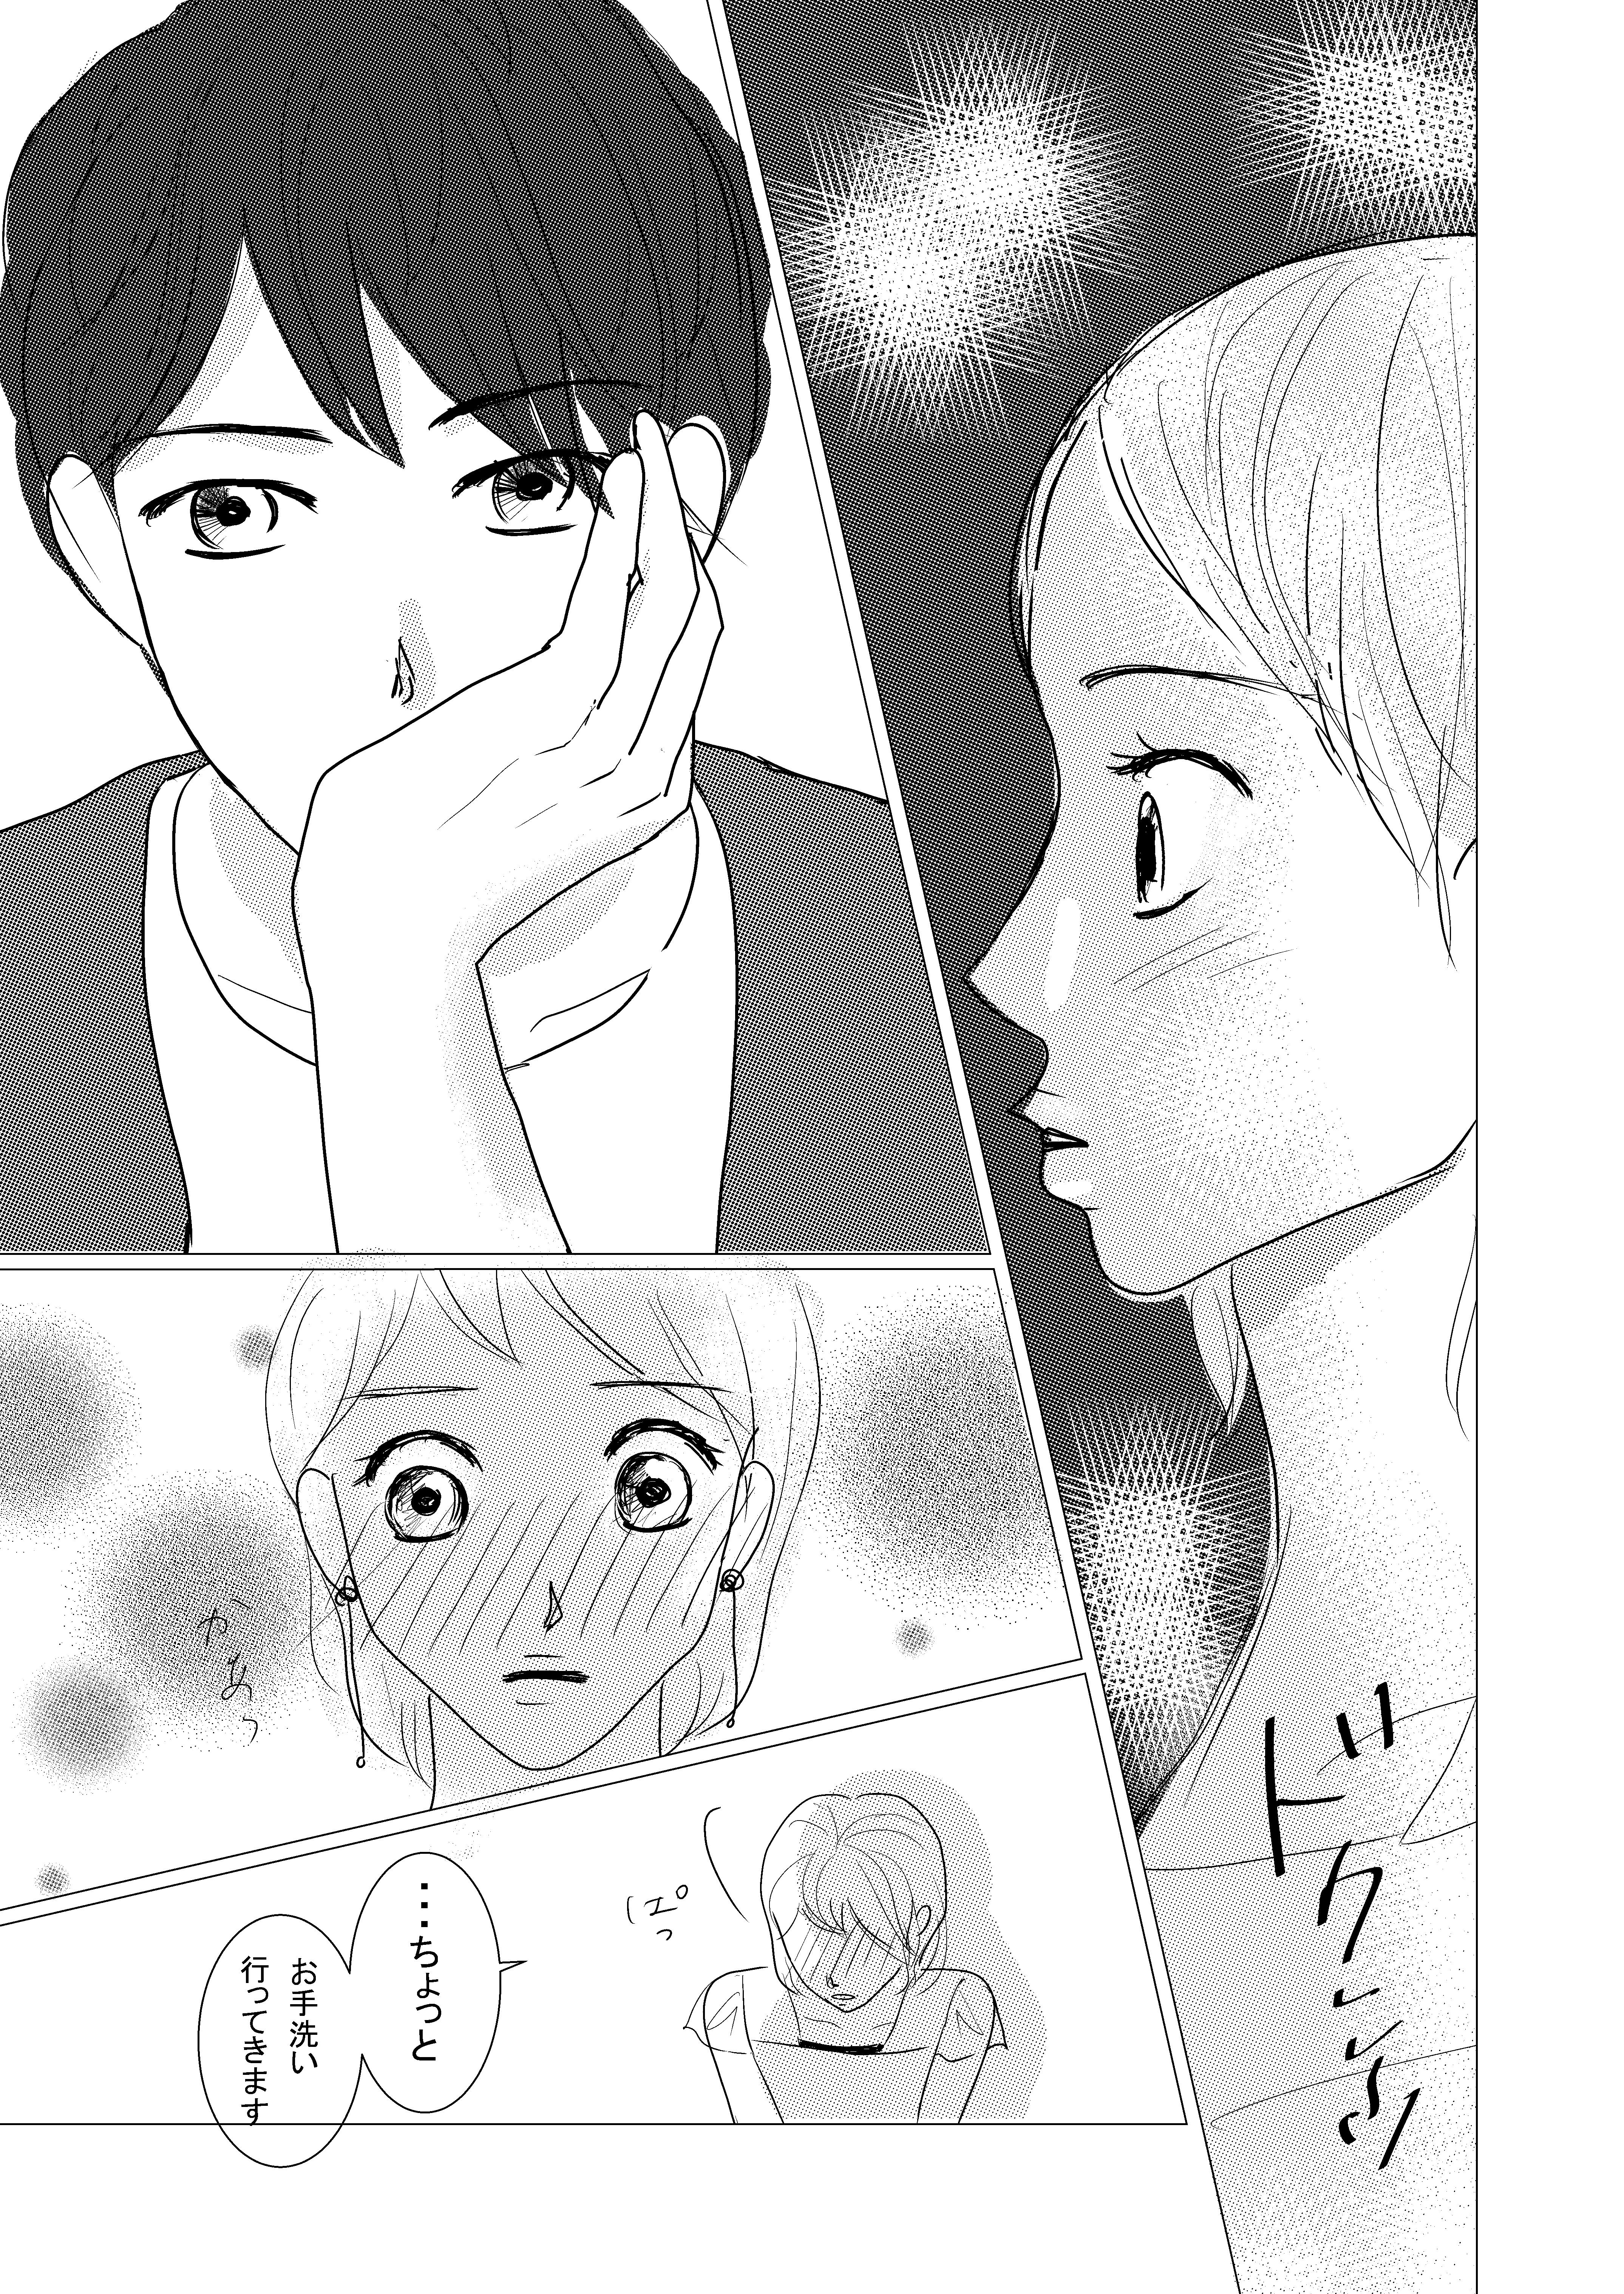 恋愛漫画/イケメン/大学生/社会人/大学生で初めて付き合う/初めての彼氏/shoujyo manga/米加夢/63ページ